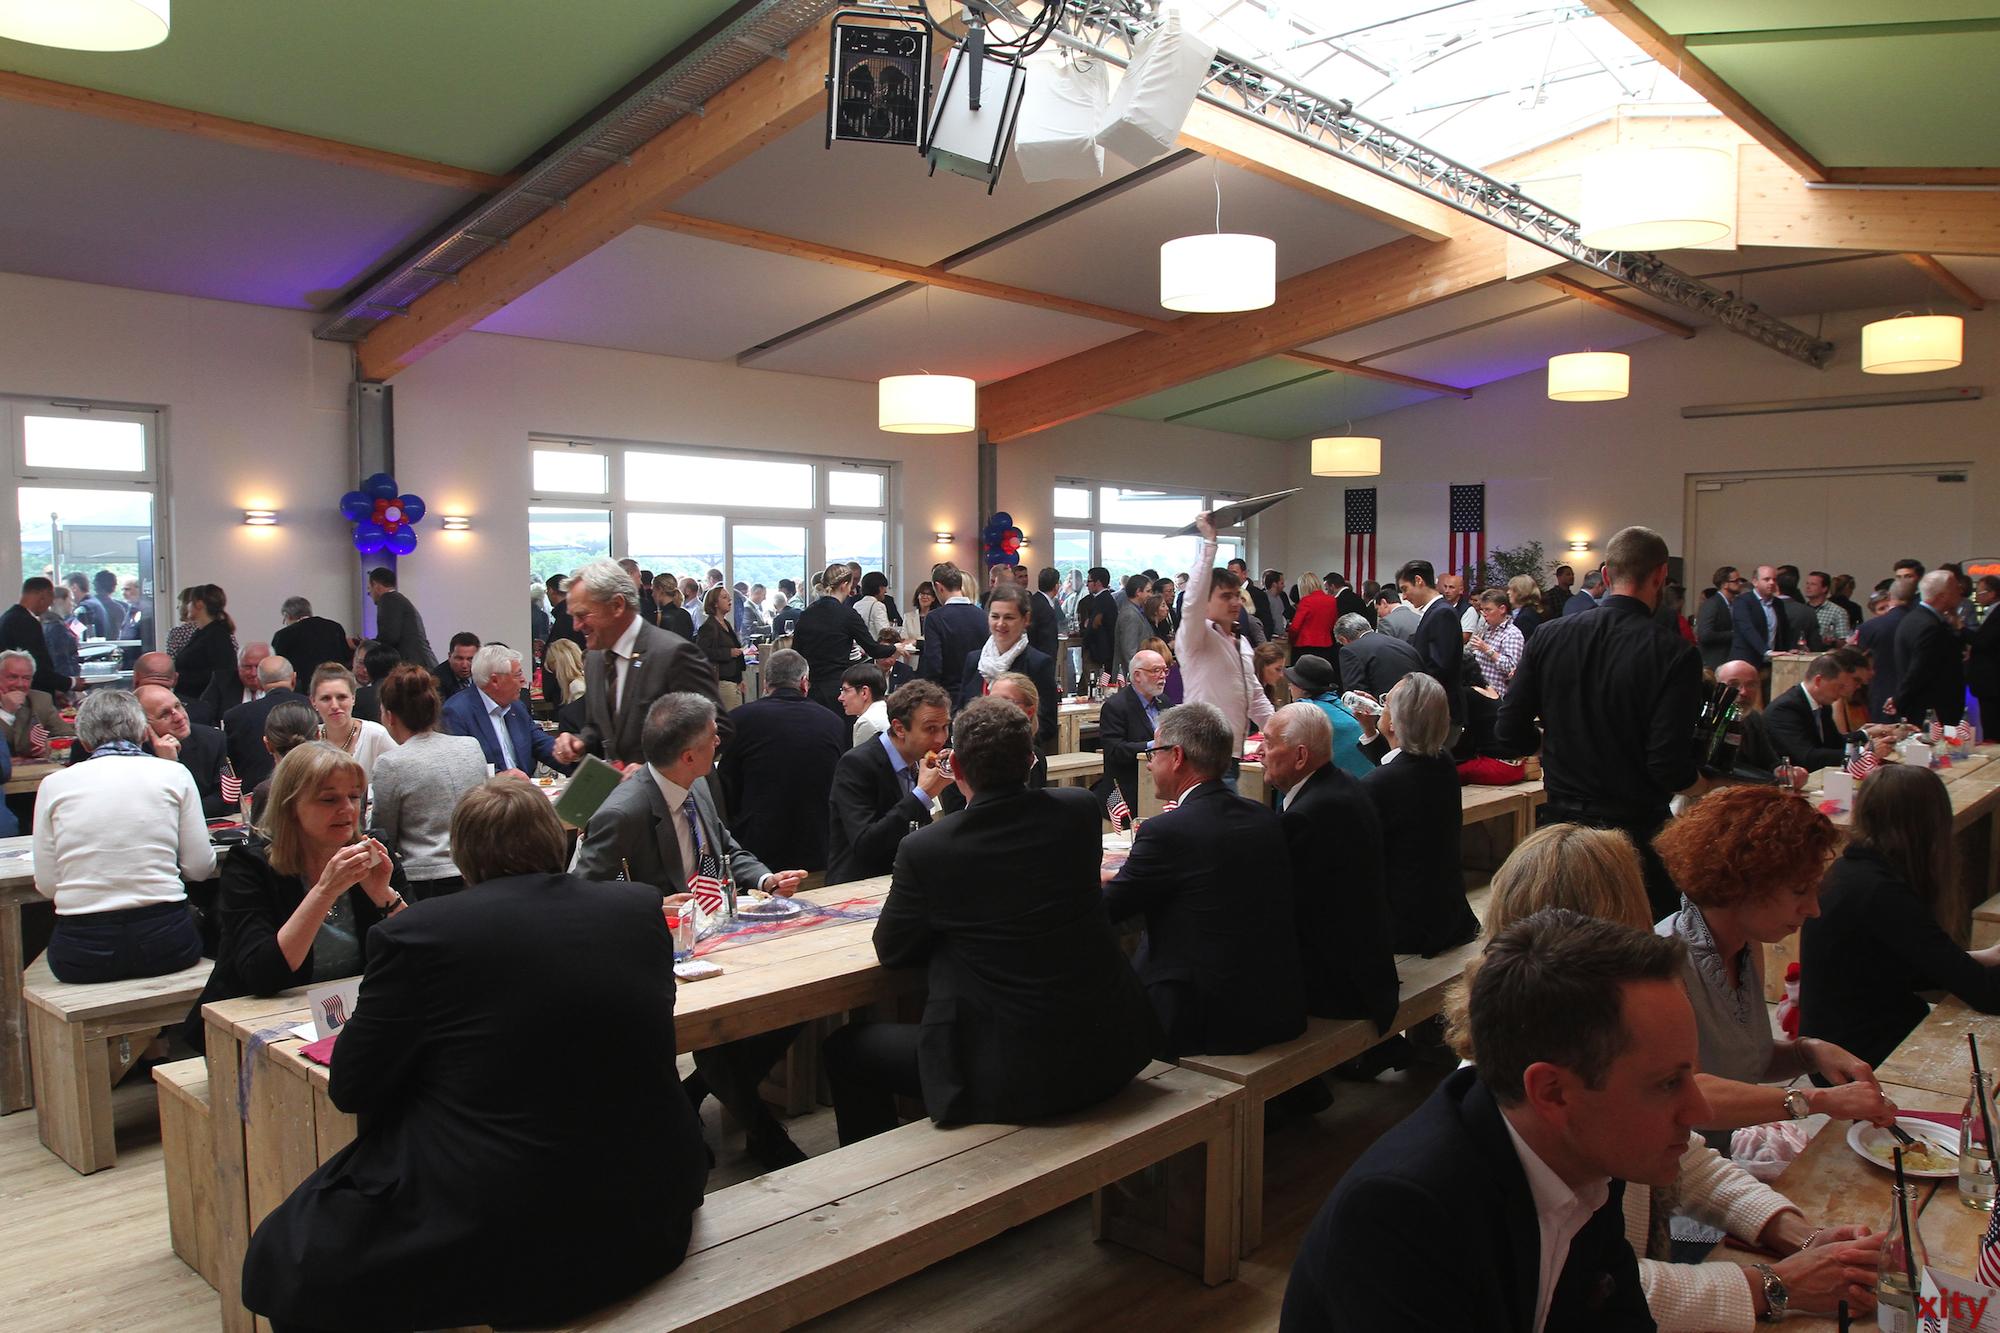 Das Fest fand im Teehaus an der Rennbahn in Grafenberg statt (Foto: xity)